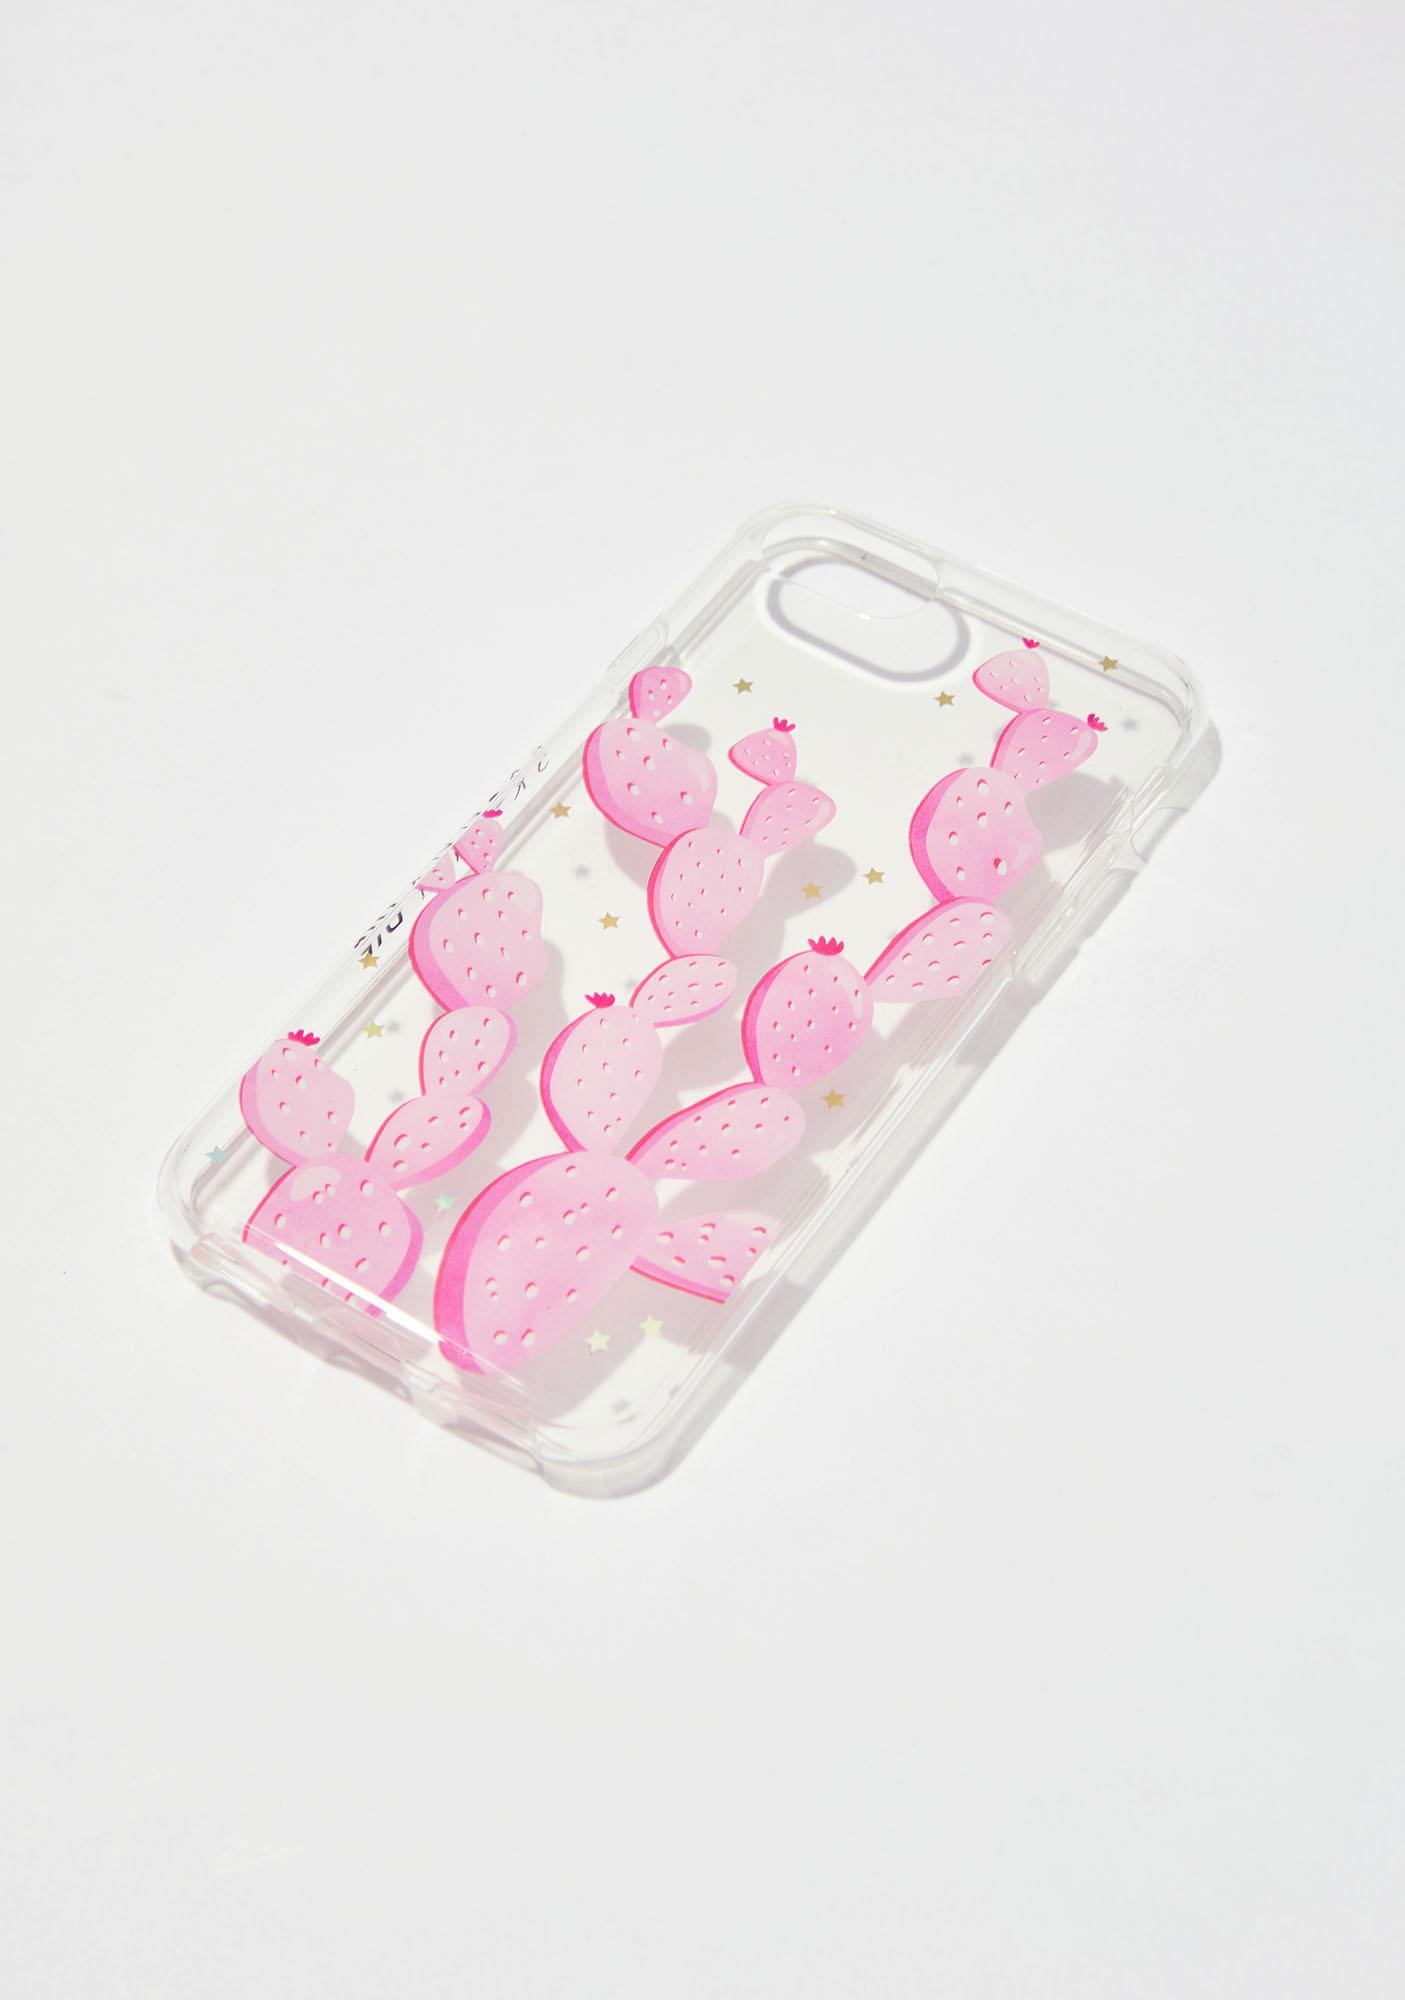 Skinnydip Cactus iPhone Case